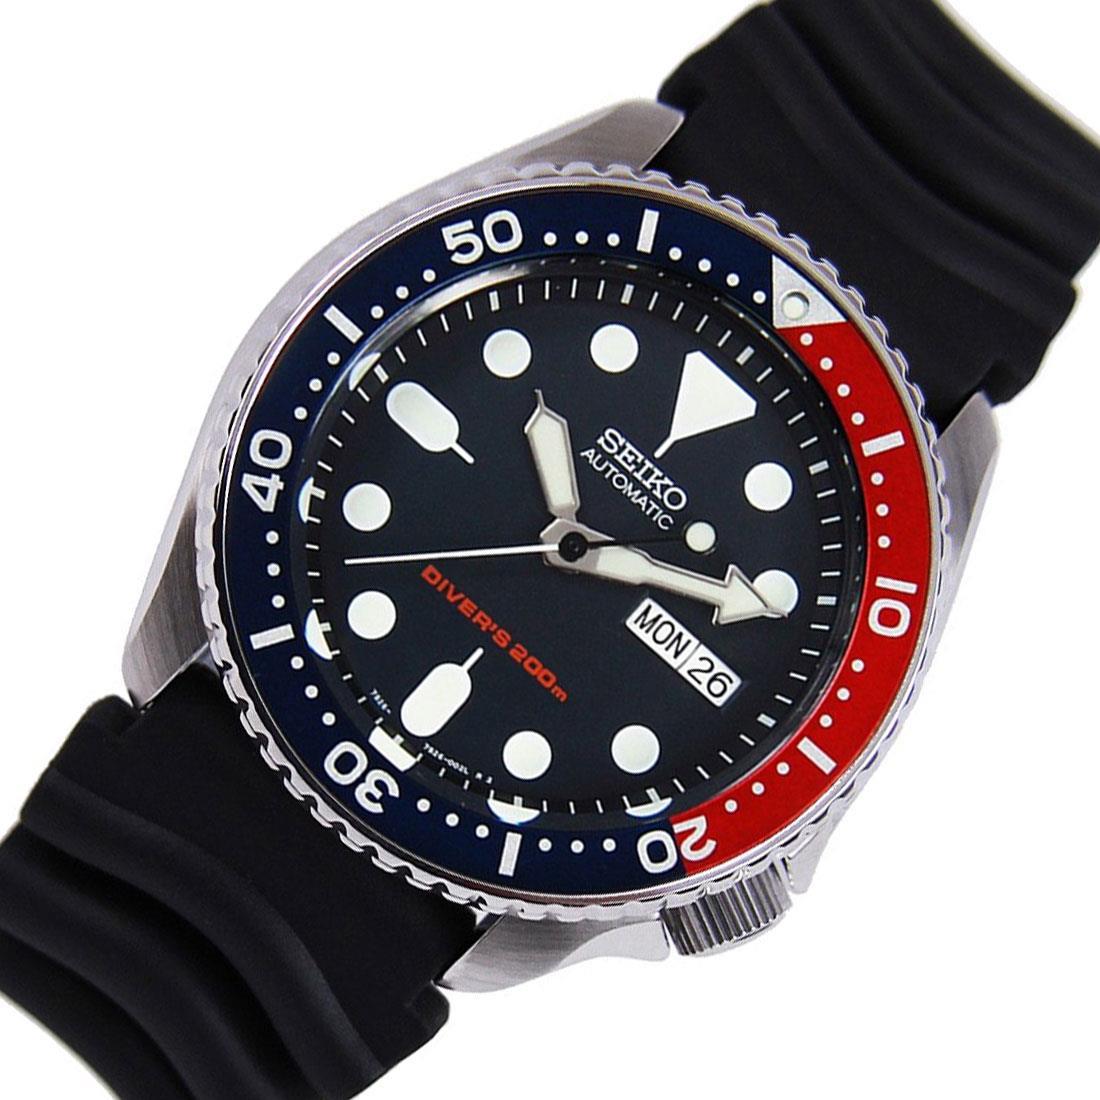 TOP-SELLING-Seiko-SKX009-SKX009J1-SKX009J2-SKX009K1-SKX009K2-Pepsi-Dive-Watch thumbnail 25